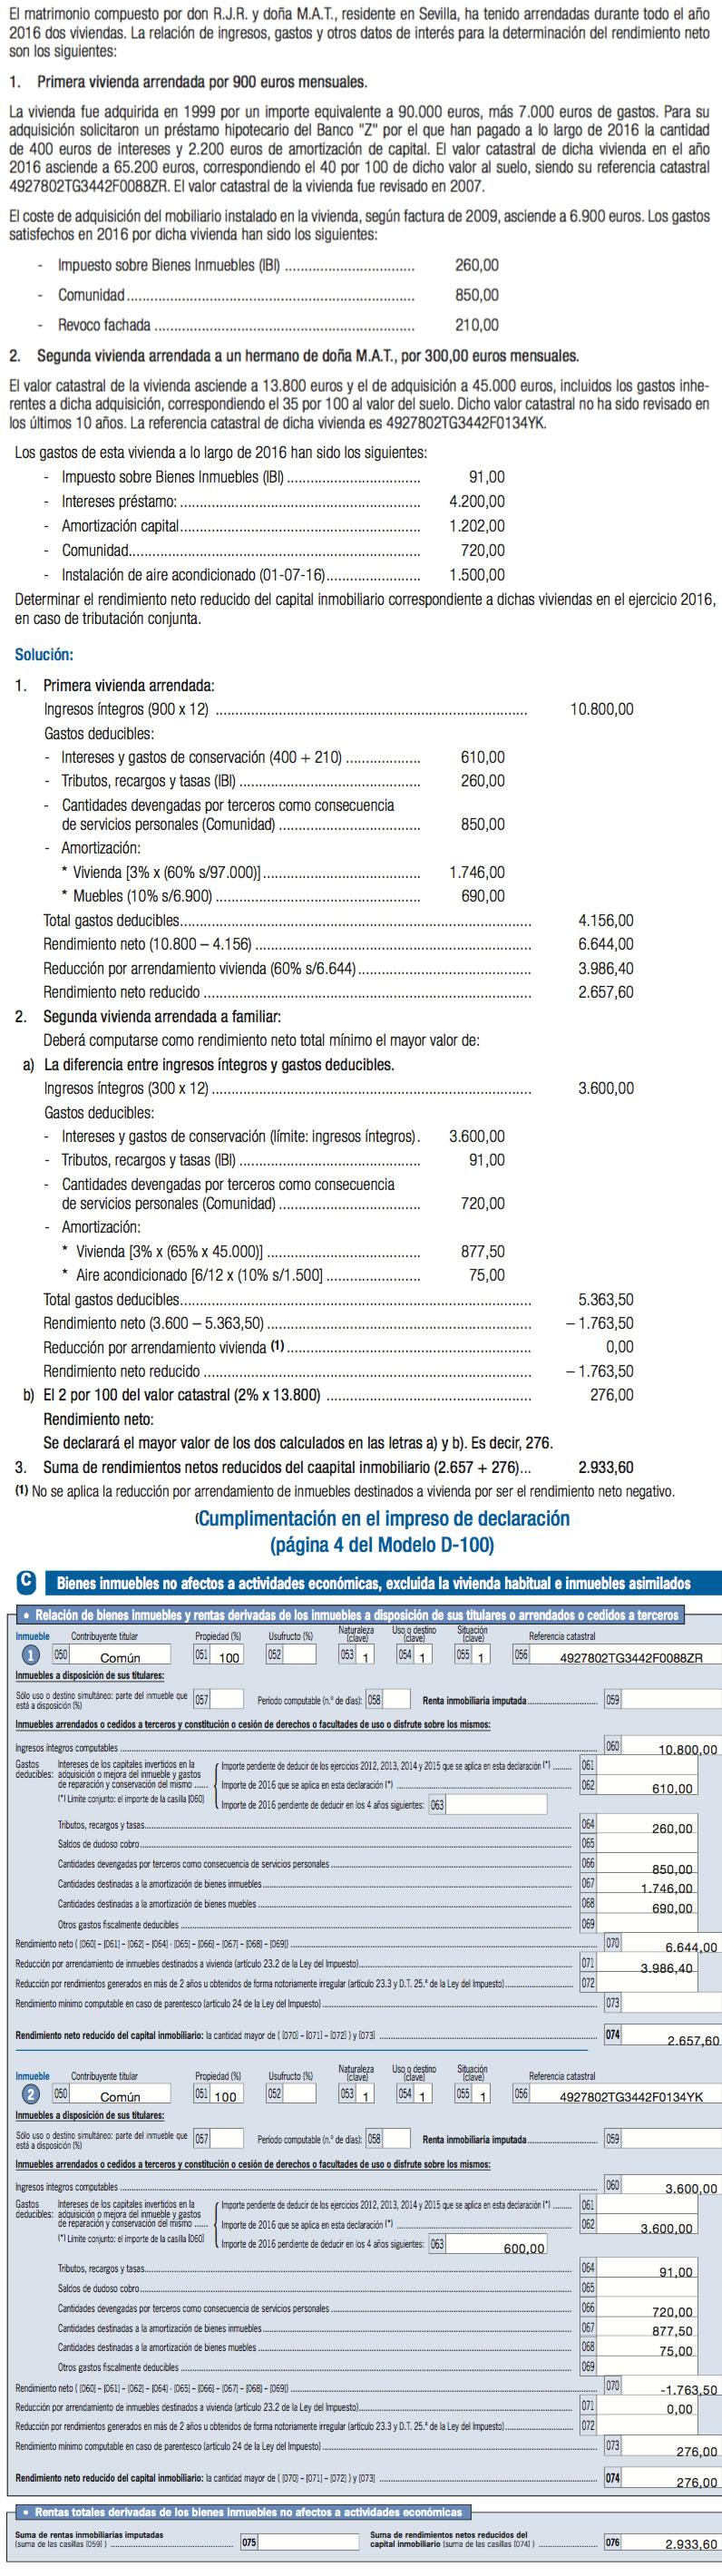 Caso práctico caseros - Alquiler en la Renta 2016